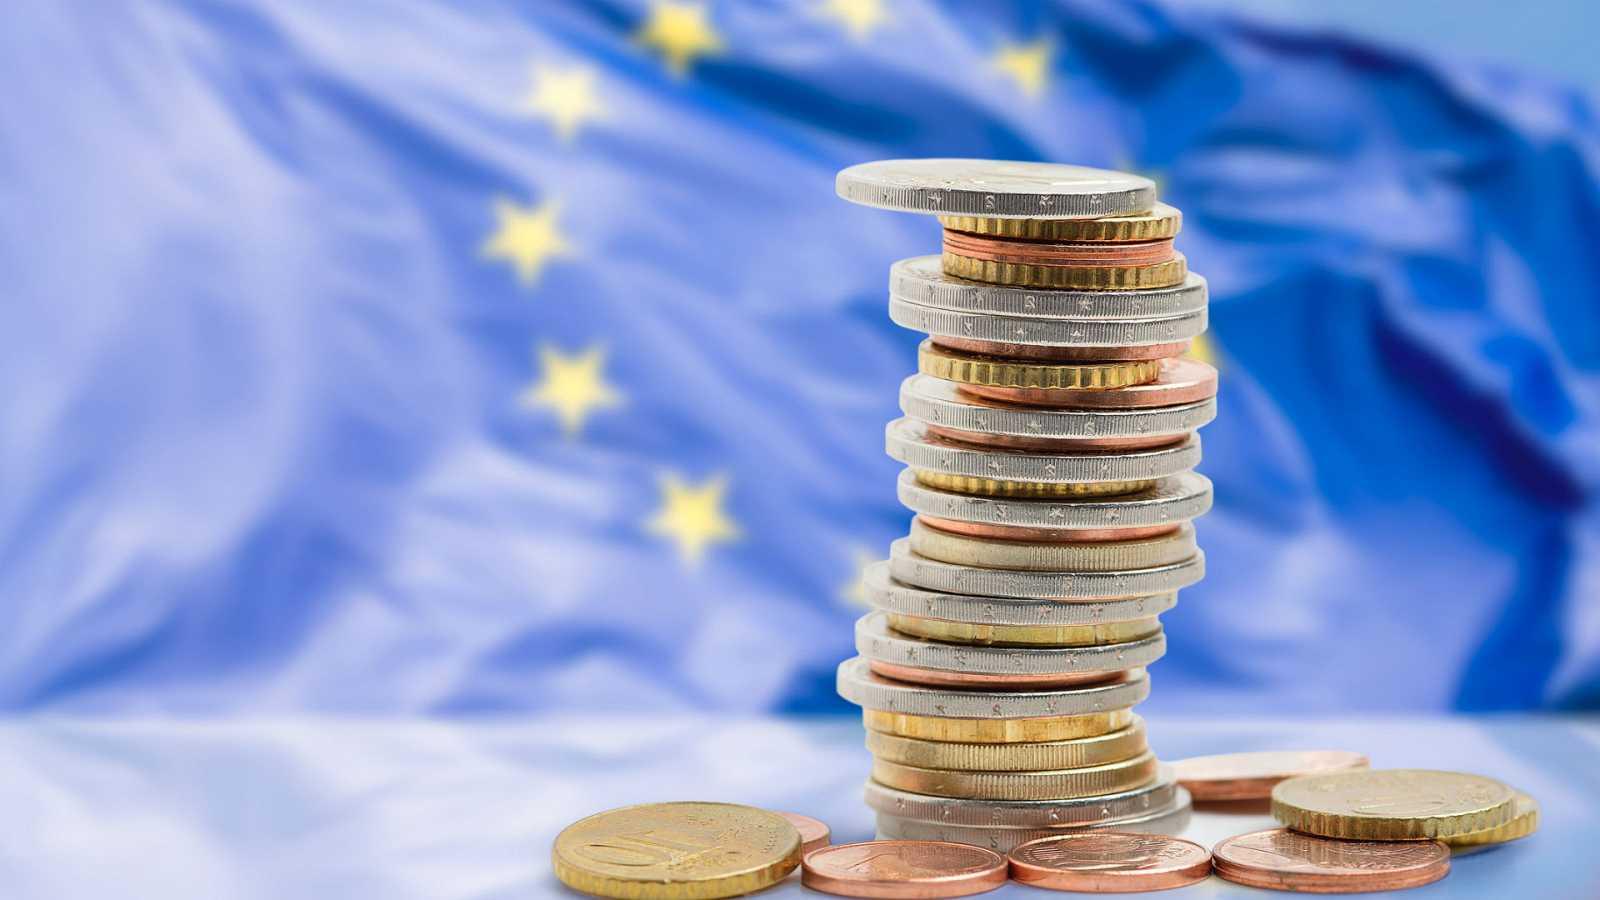 Europa abierta en R5 - Cumbre europea: en juego no sólo el Fondo de reconstrucción sino todo el Mercado Unico - 17/07/20 - escuchar ahora